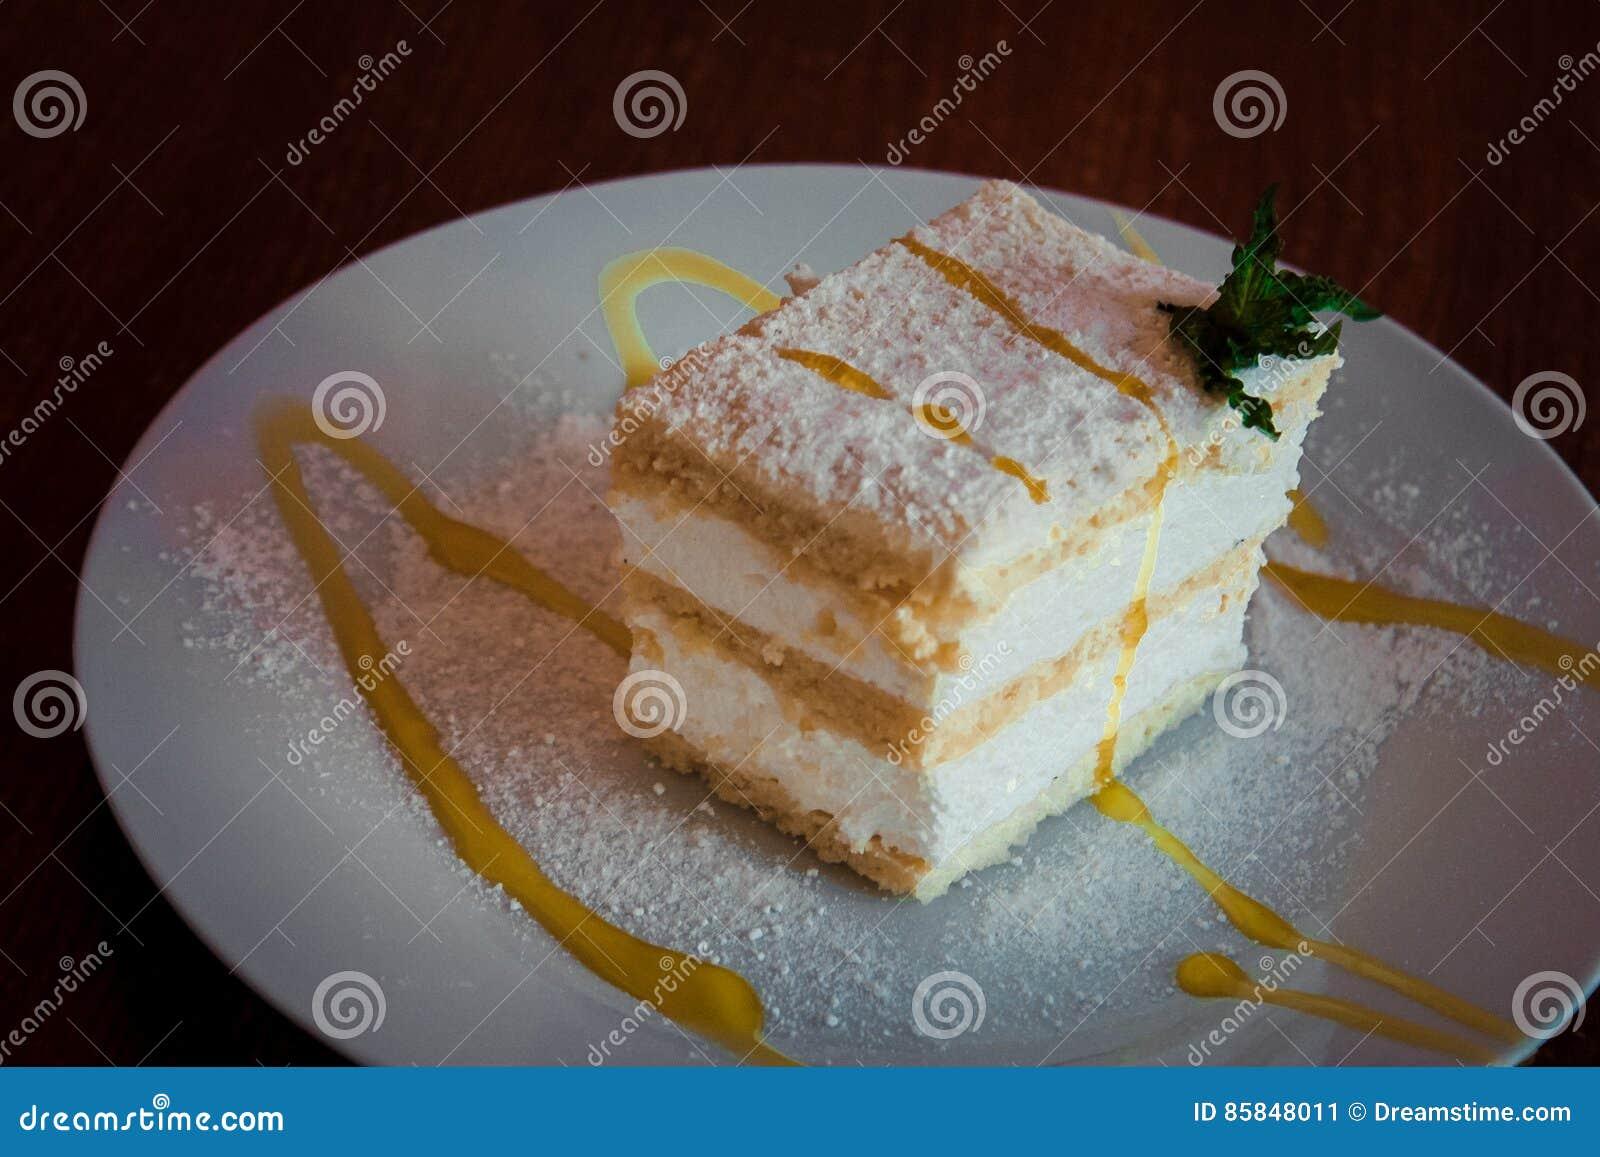 Gevoelige cake met slagroom en Apple-jam